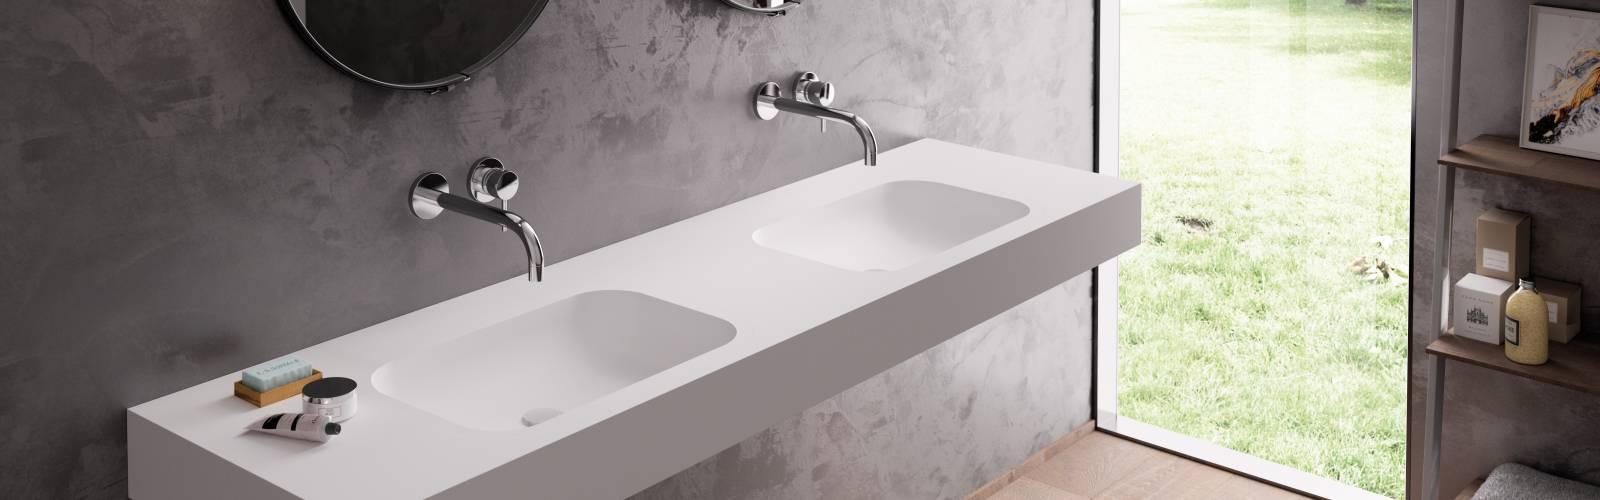 hi macs bathroom basin cb503 300dpi rgb - LG-Himacs